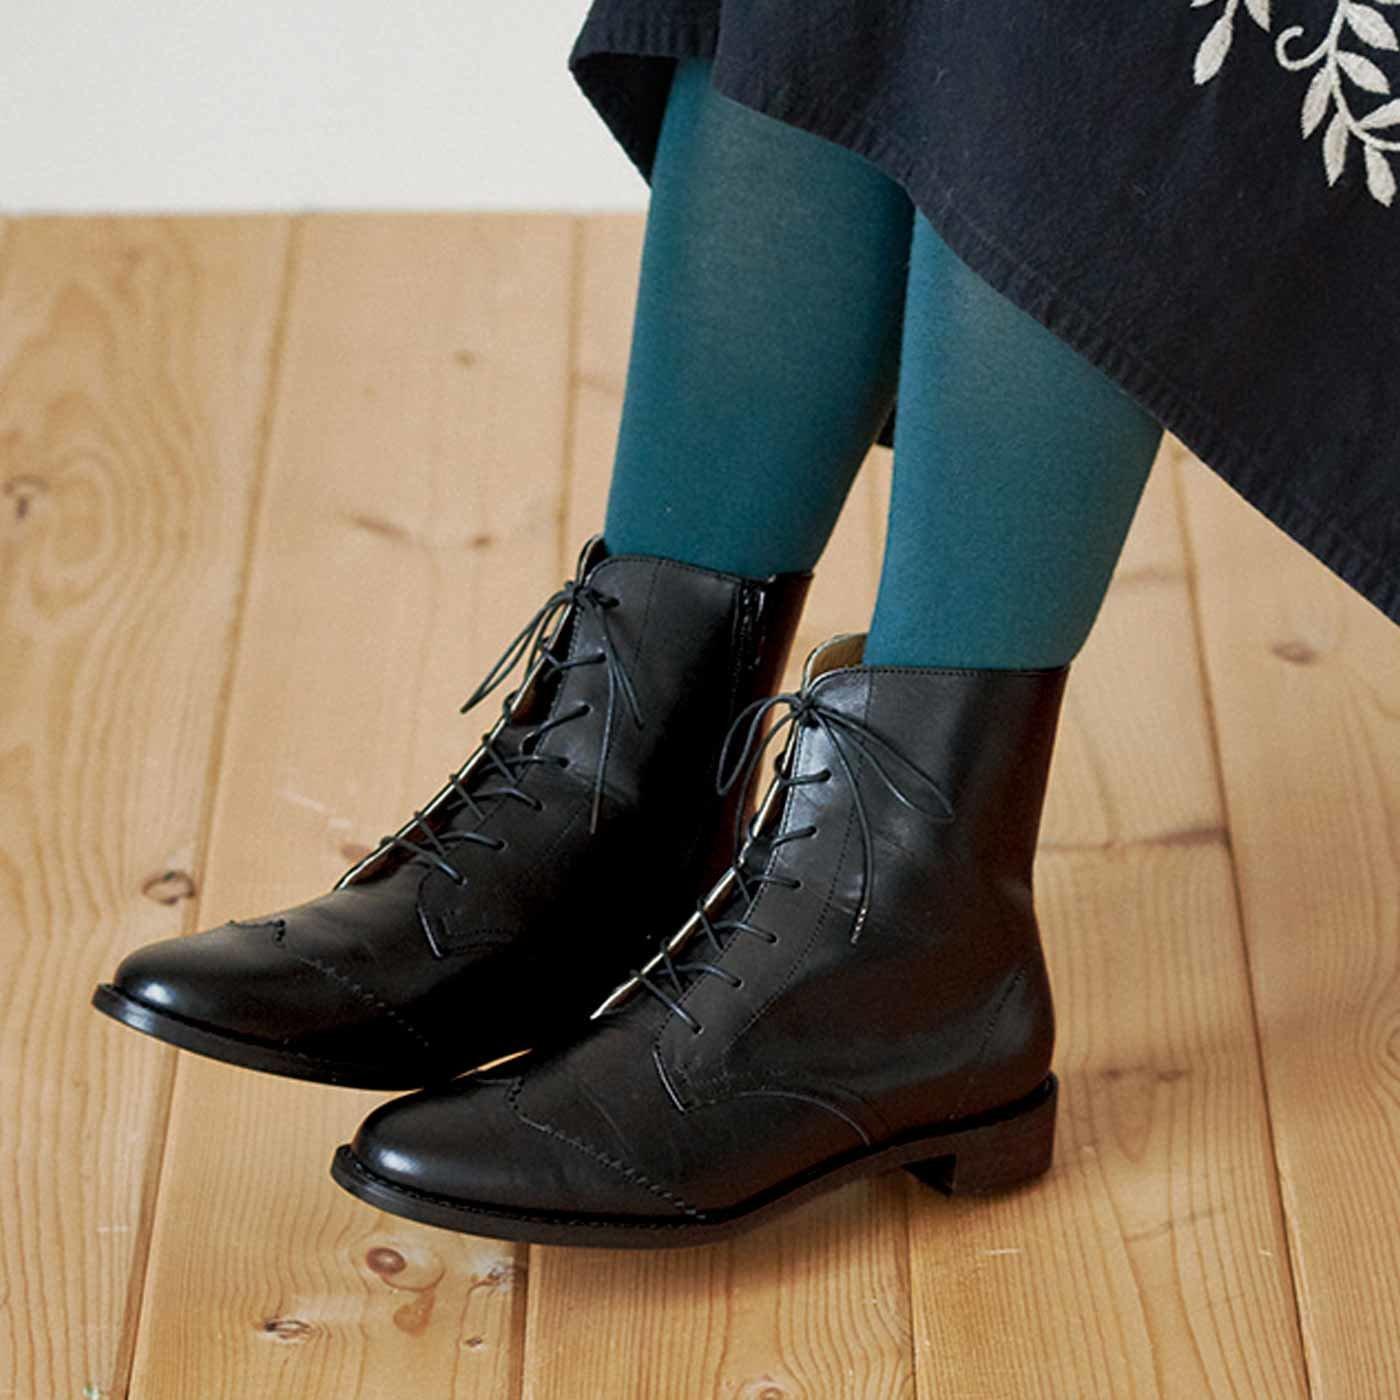 長田靴職人の本革仕立て 見惚(みと)れる アンティロープブーツ〈クラシックブラック〉[本革 ブーツ:日本製]